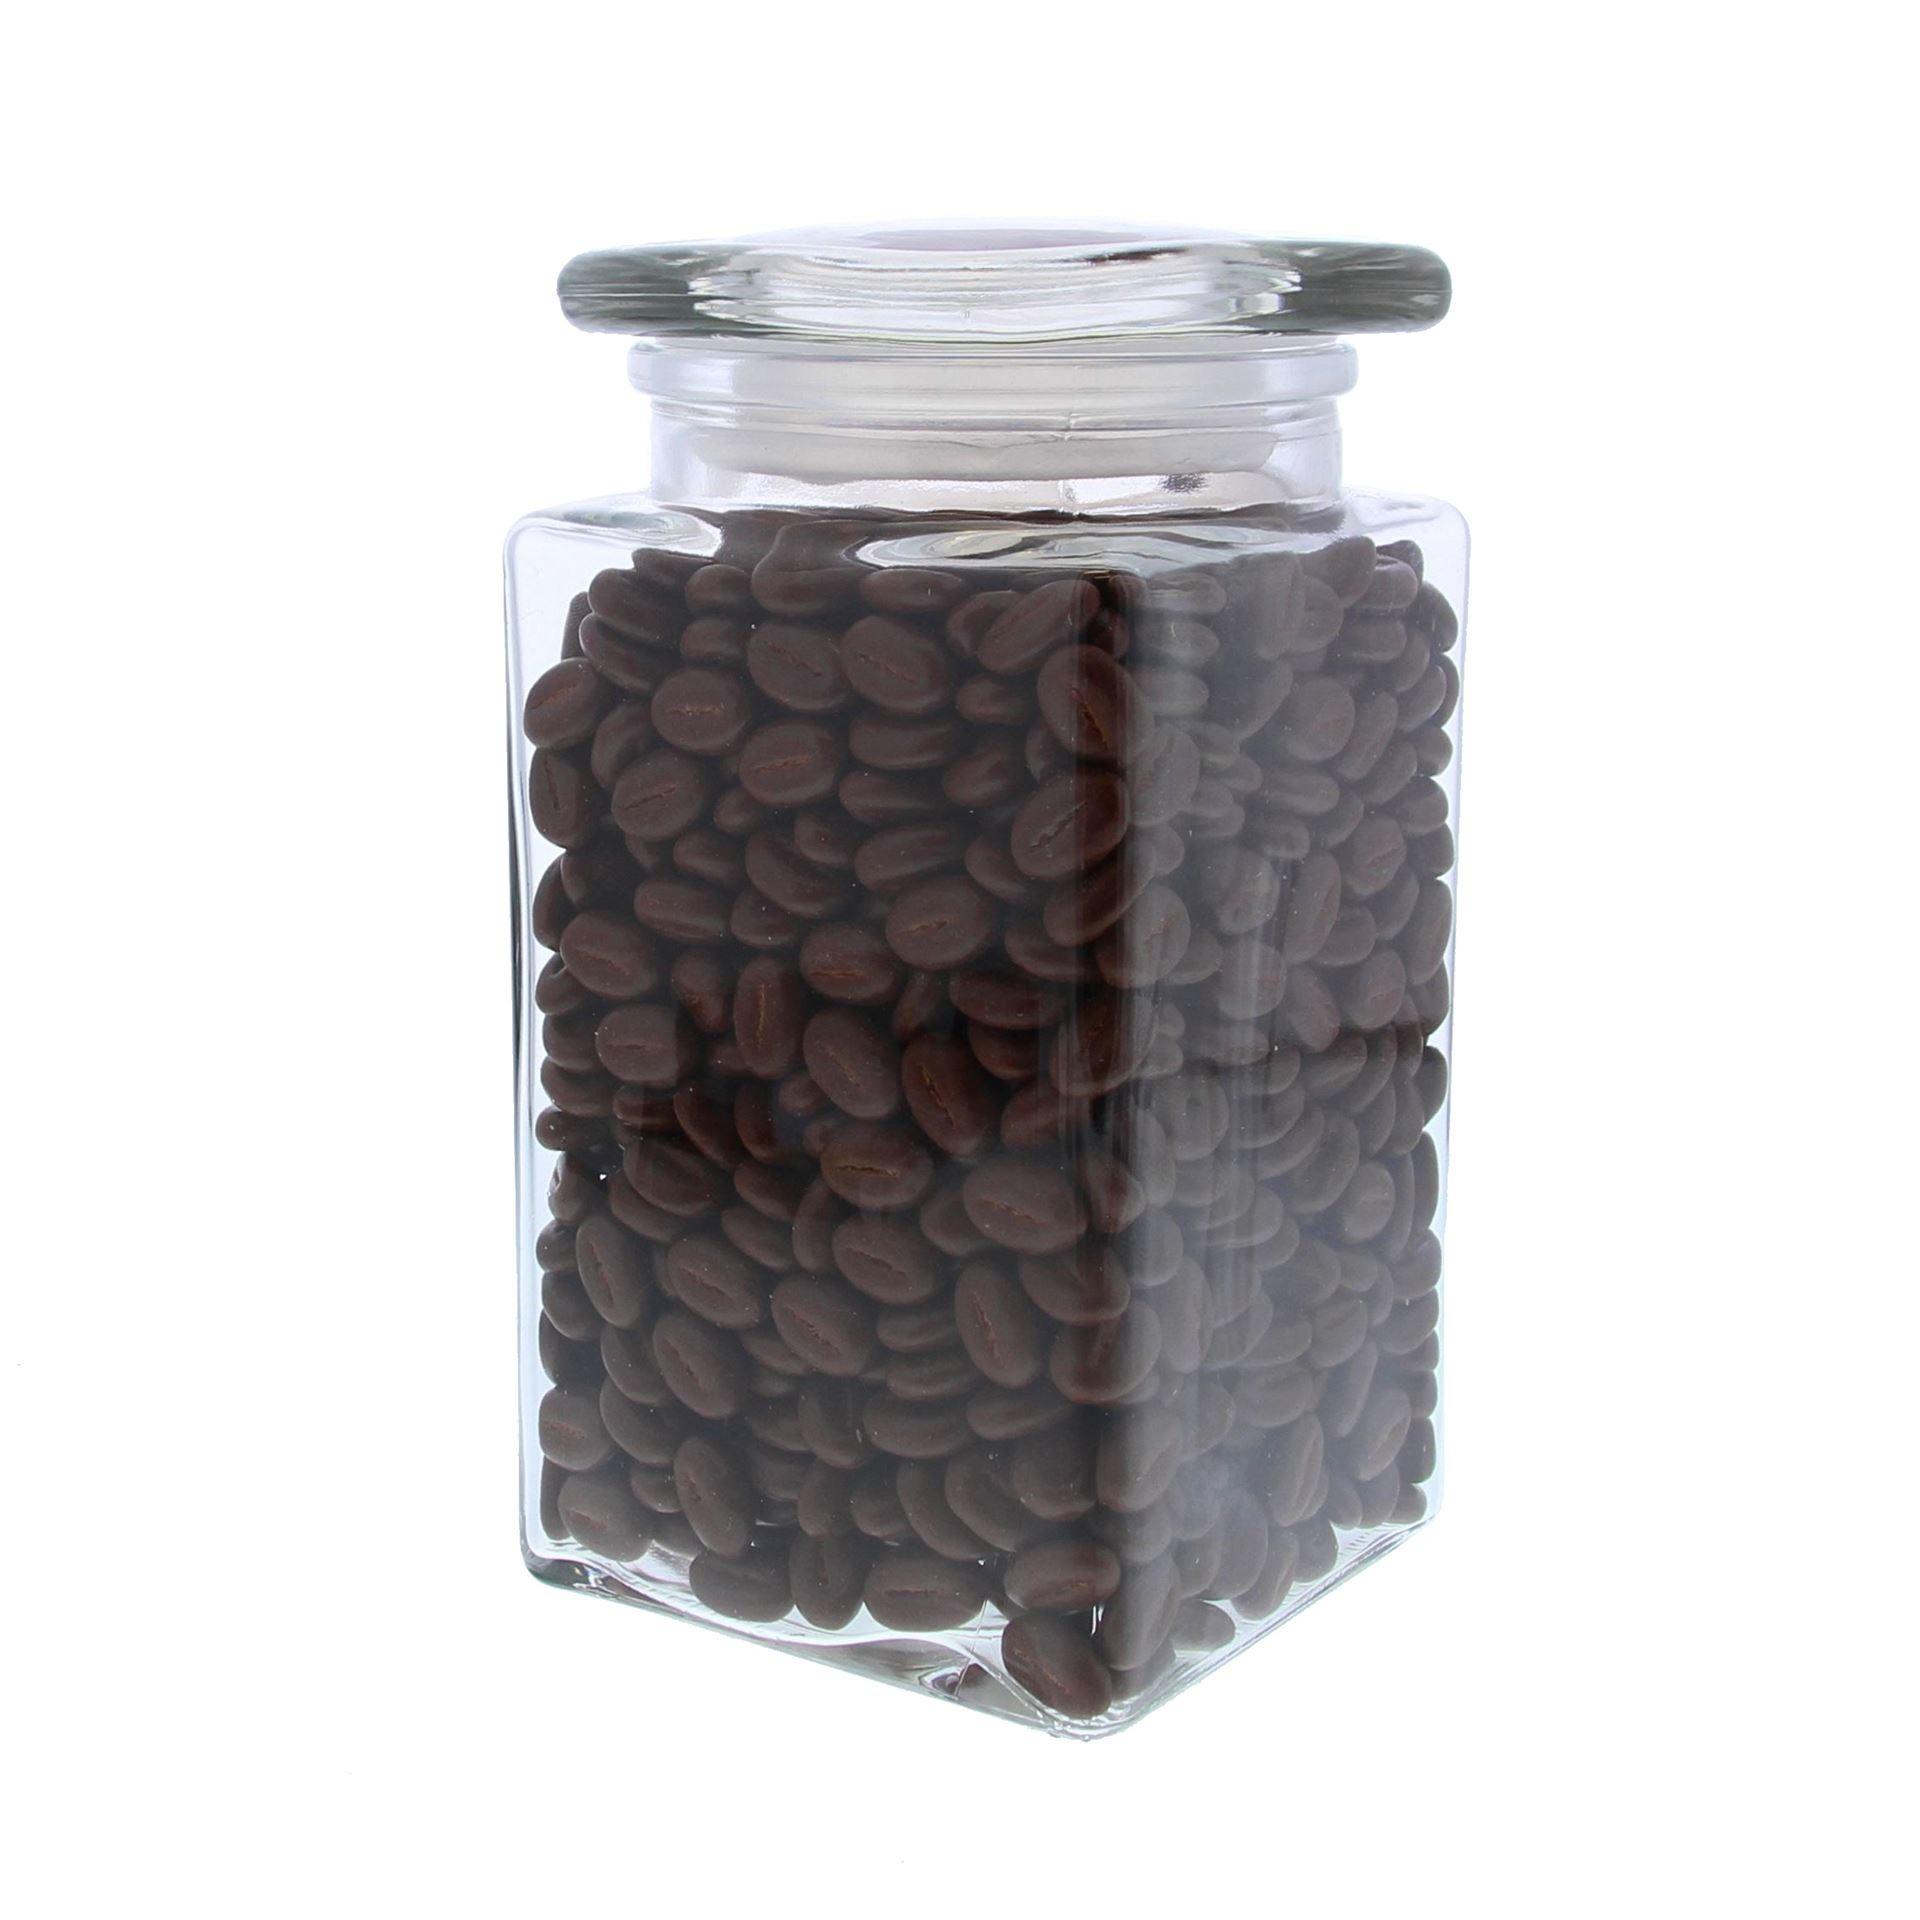 Tarro de cristal del almacenaje con la Plaza cubierta - 100*100*185mm -6 unidades